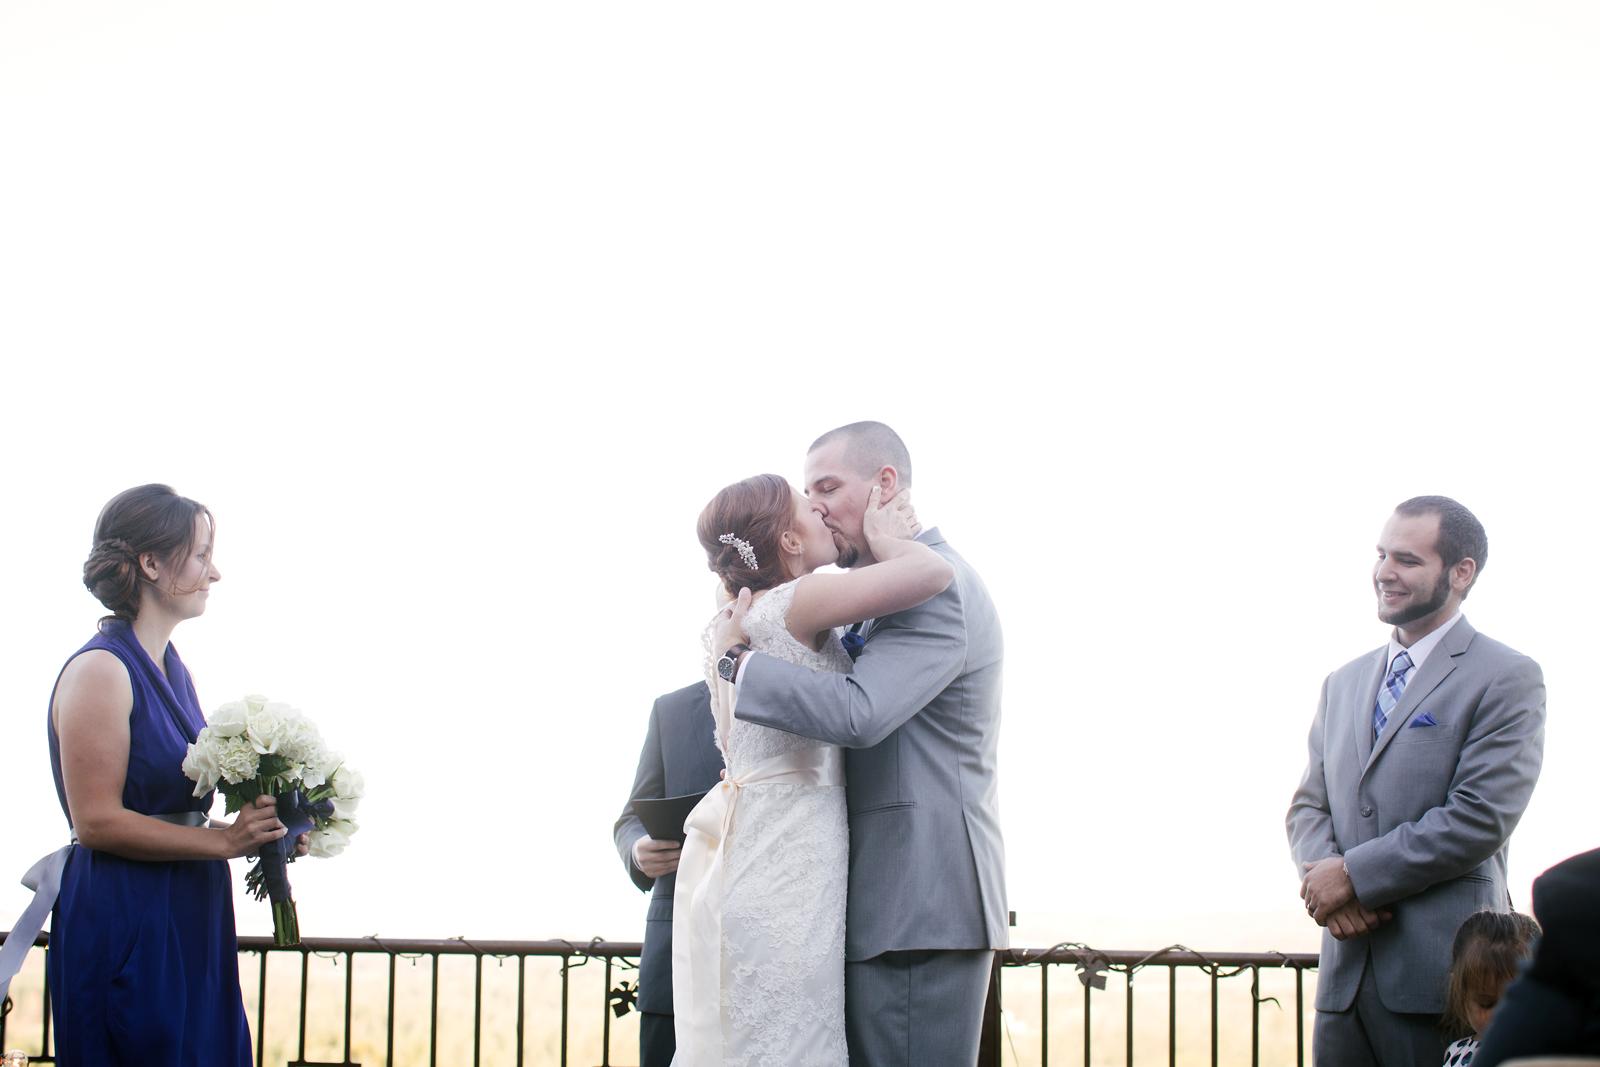 034-daronjackson-rich-wedding.jpg